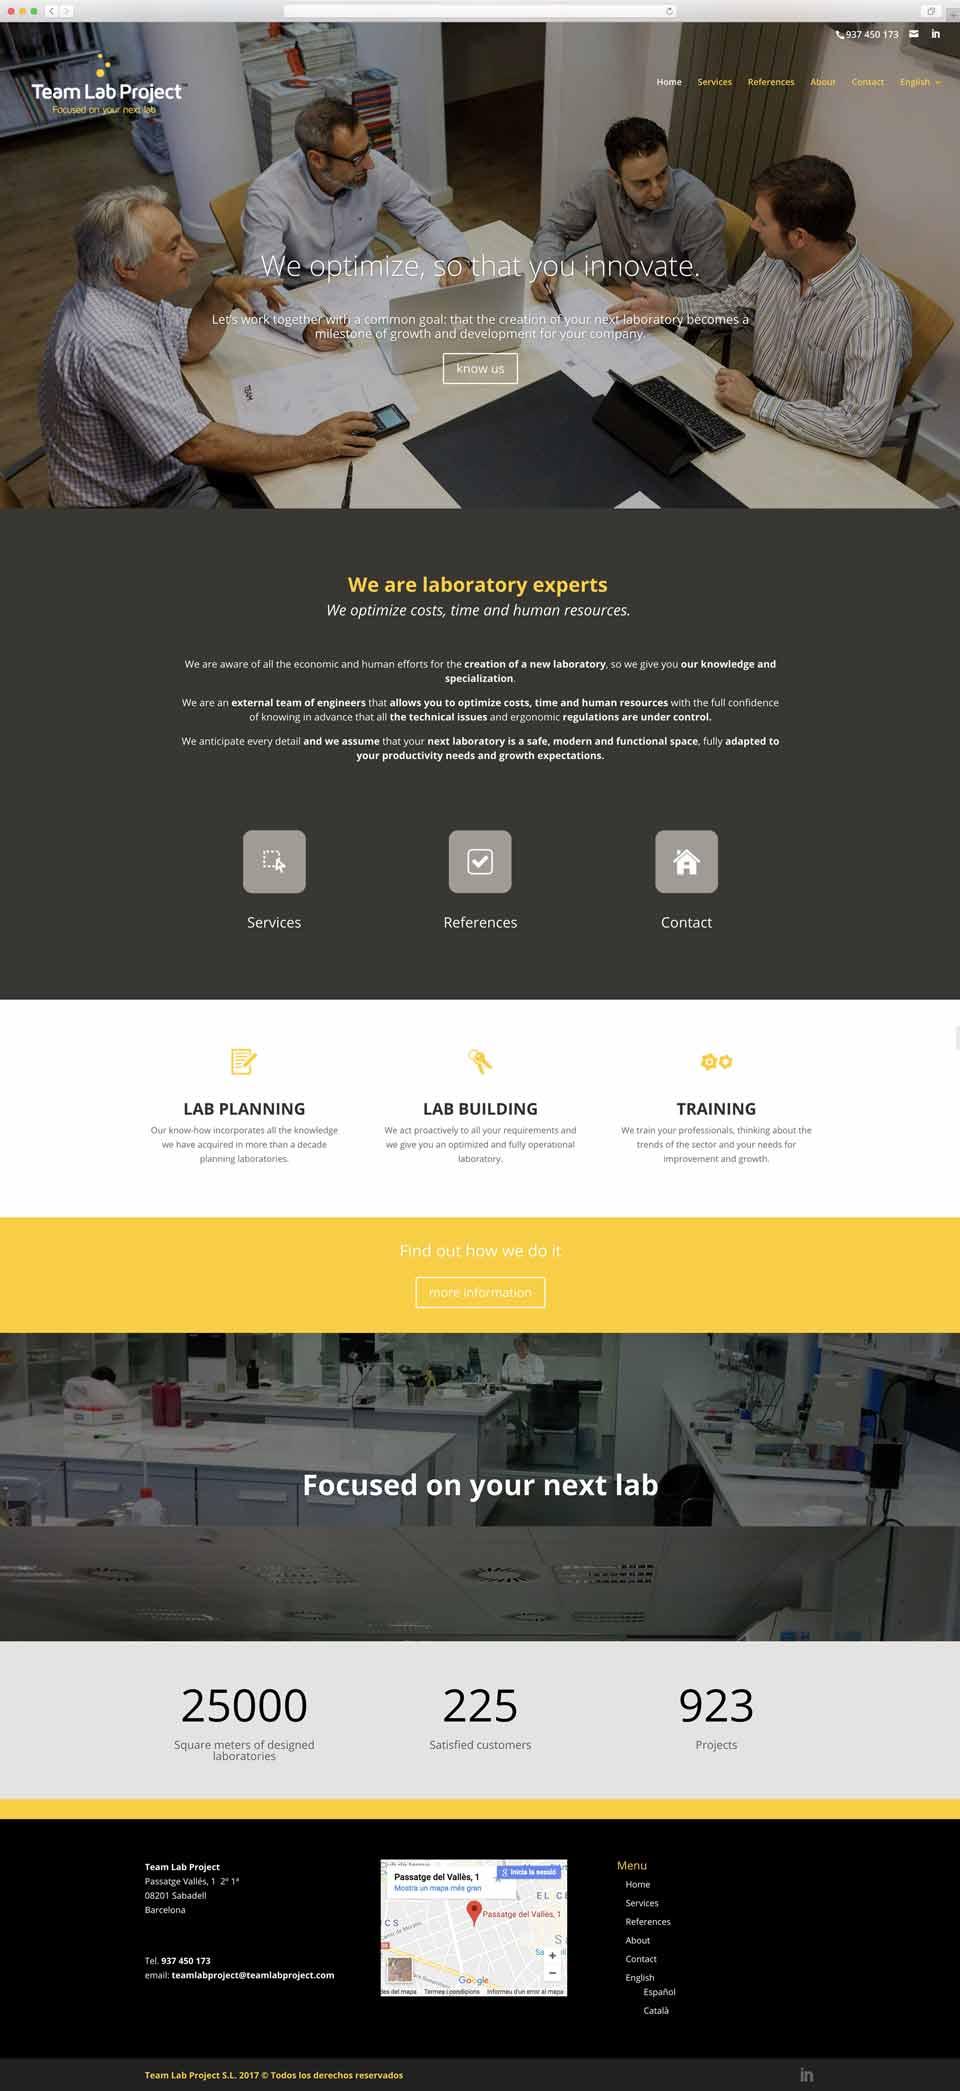 Muestra 1 del diseño web del proyecto Team Lab Project, realizado por Just the web y Byte Imatge